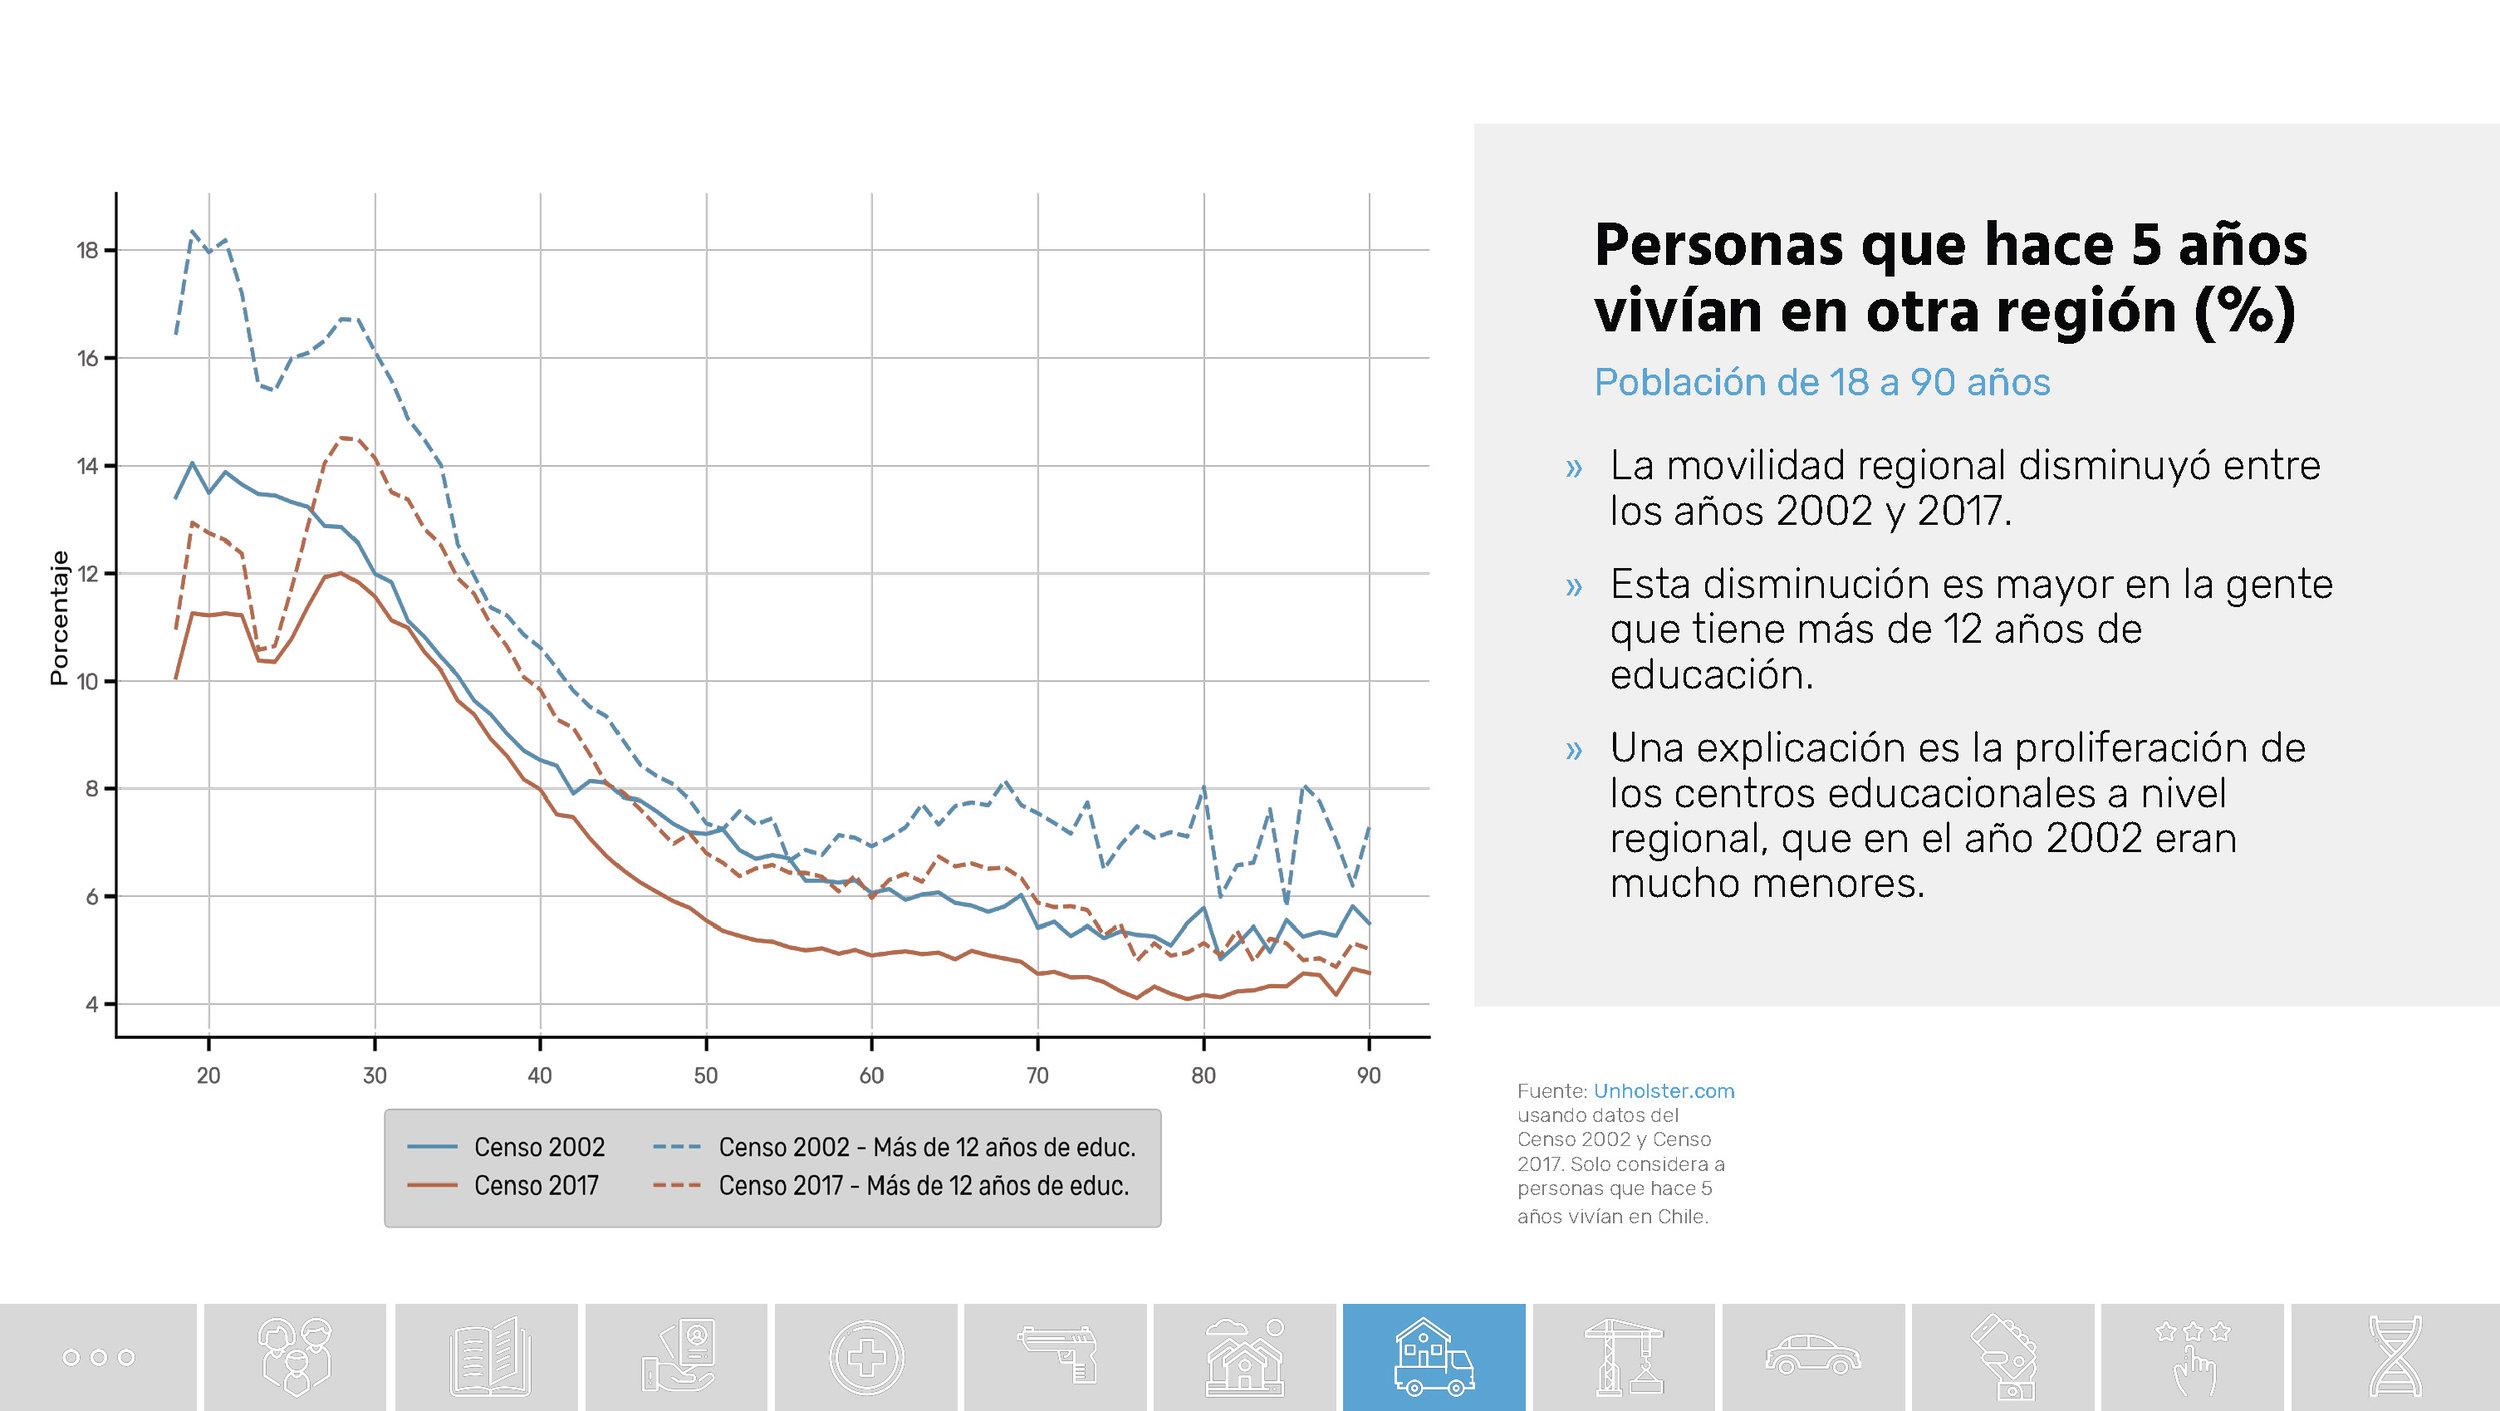 Chile_Datos de una transformacion social_Unholster_Página_53.jpg